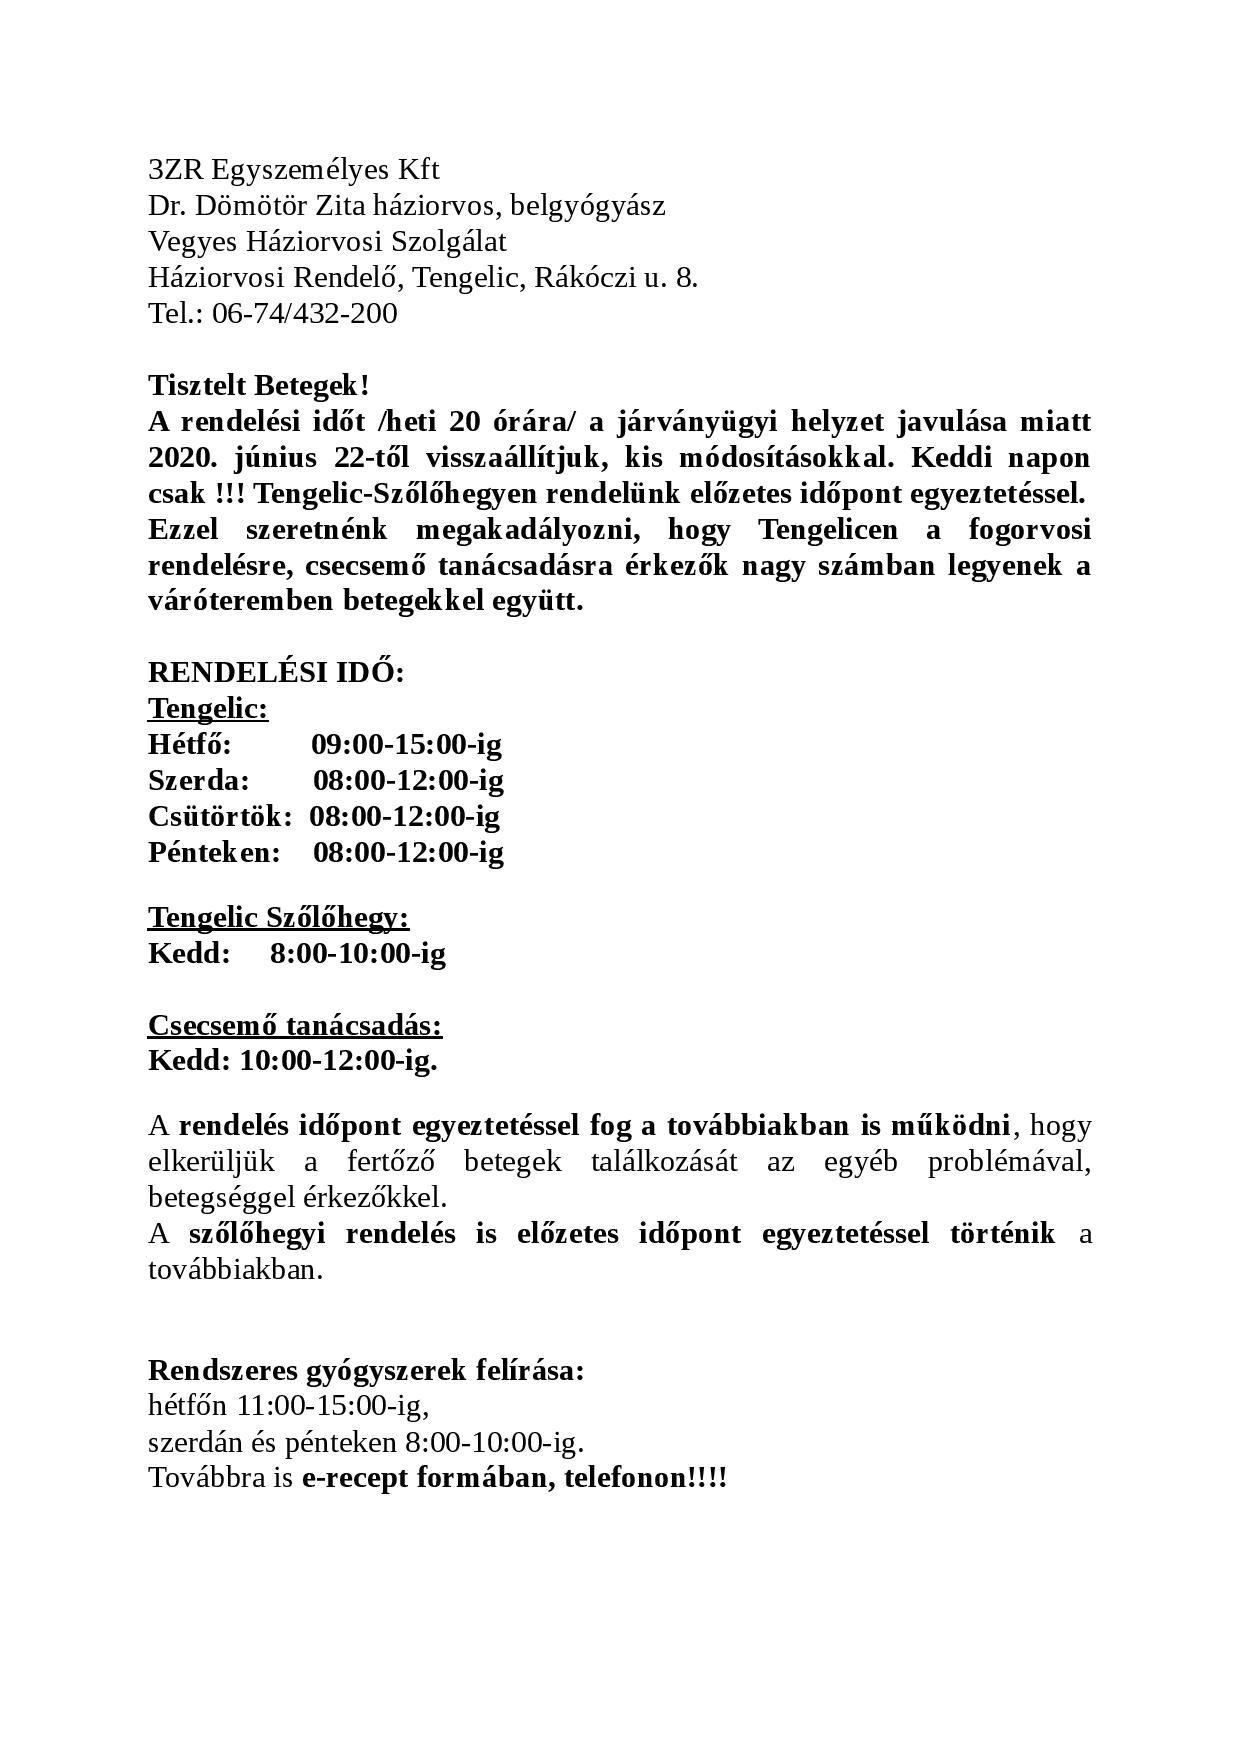 Háziorvos rendeléséről szóló tájékoztató1